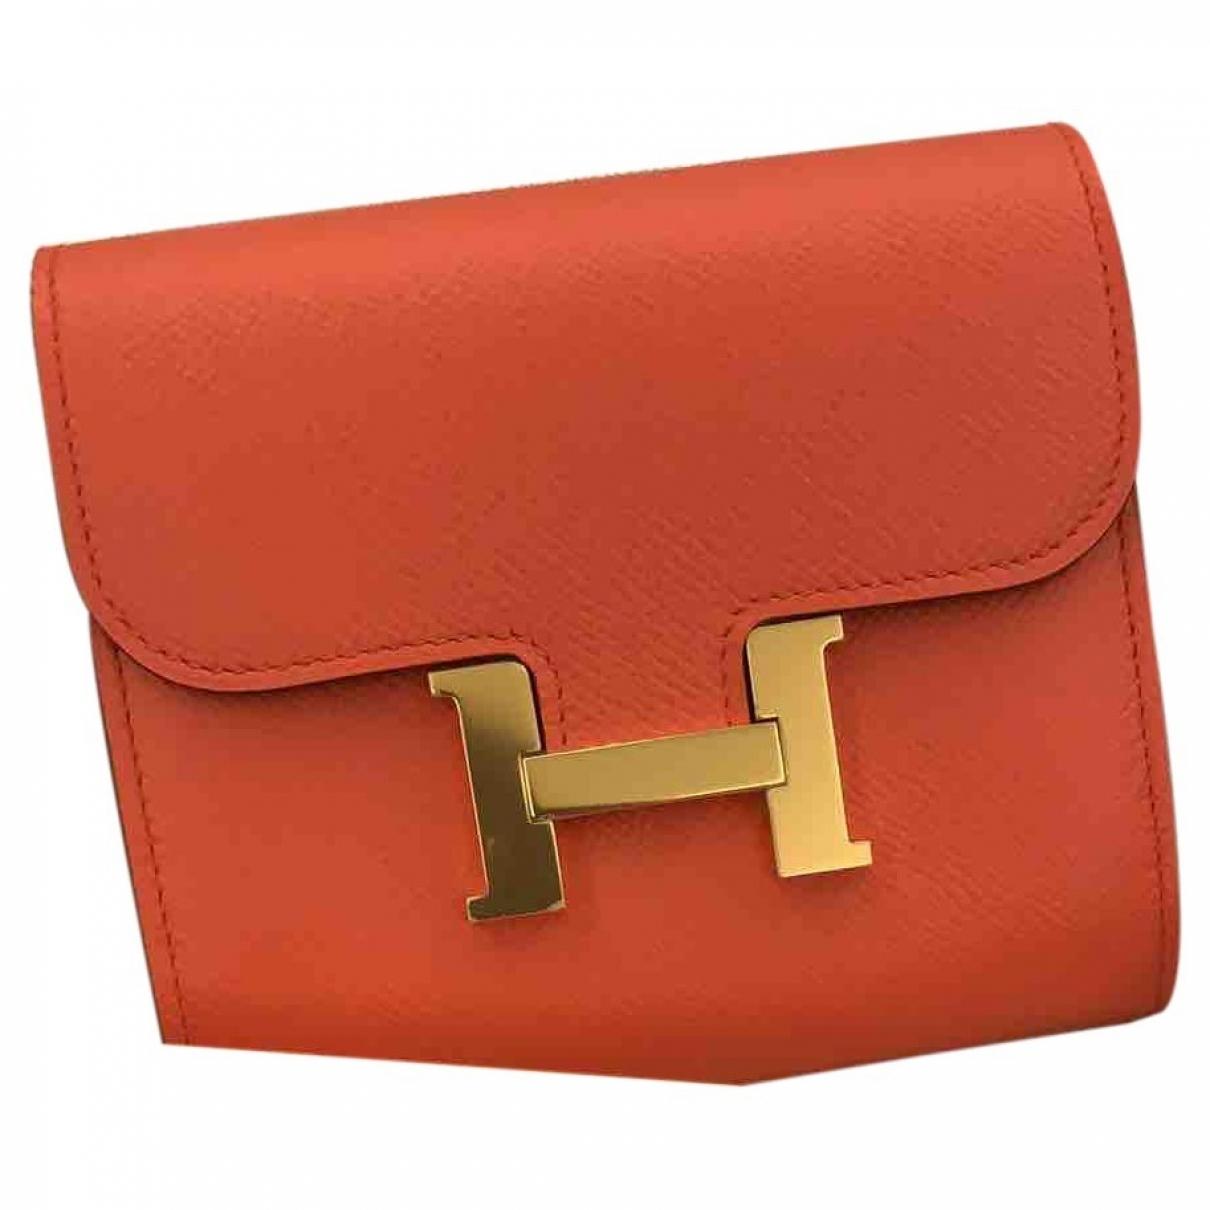 Hermes - Petite maroquinerie Constance pour femme en cuir - orange